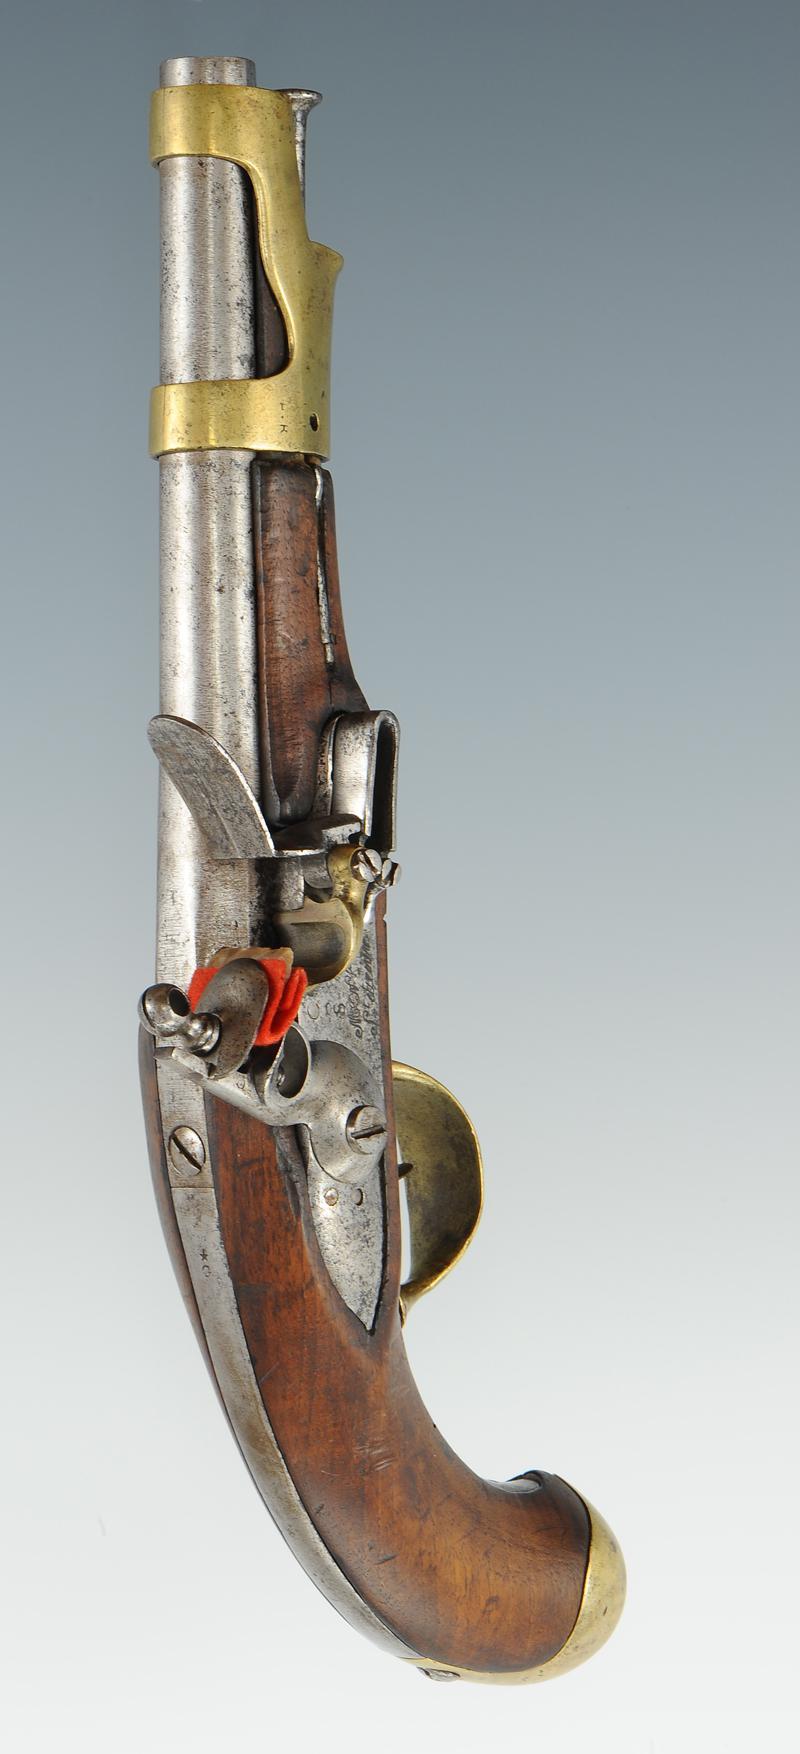 Pistolet de cavalerie mod le an ix de saint etienne premier empire - Pistolet a clou ...